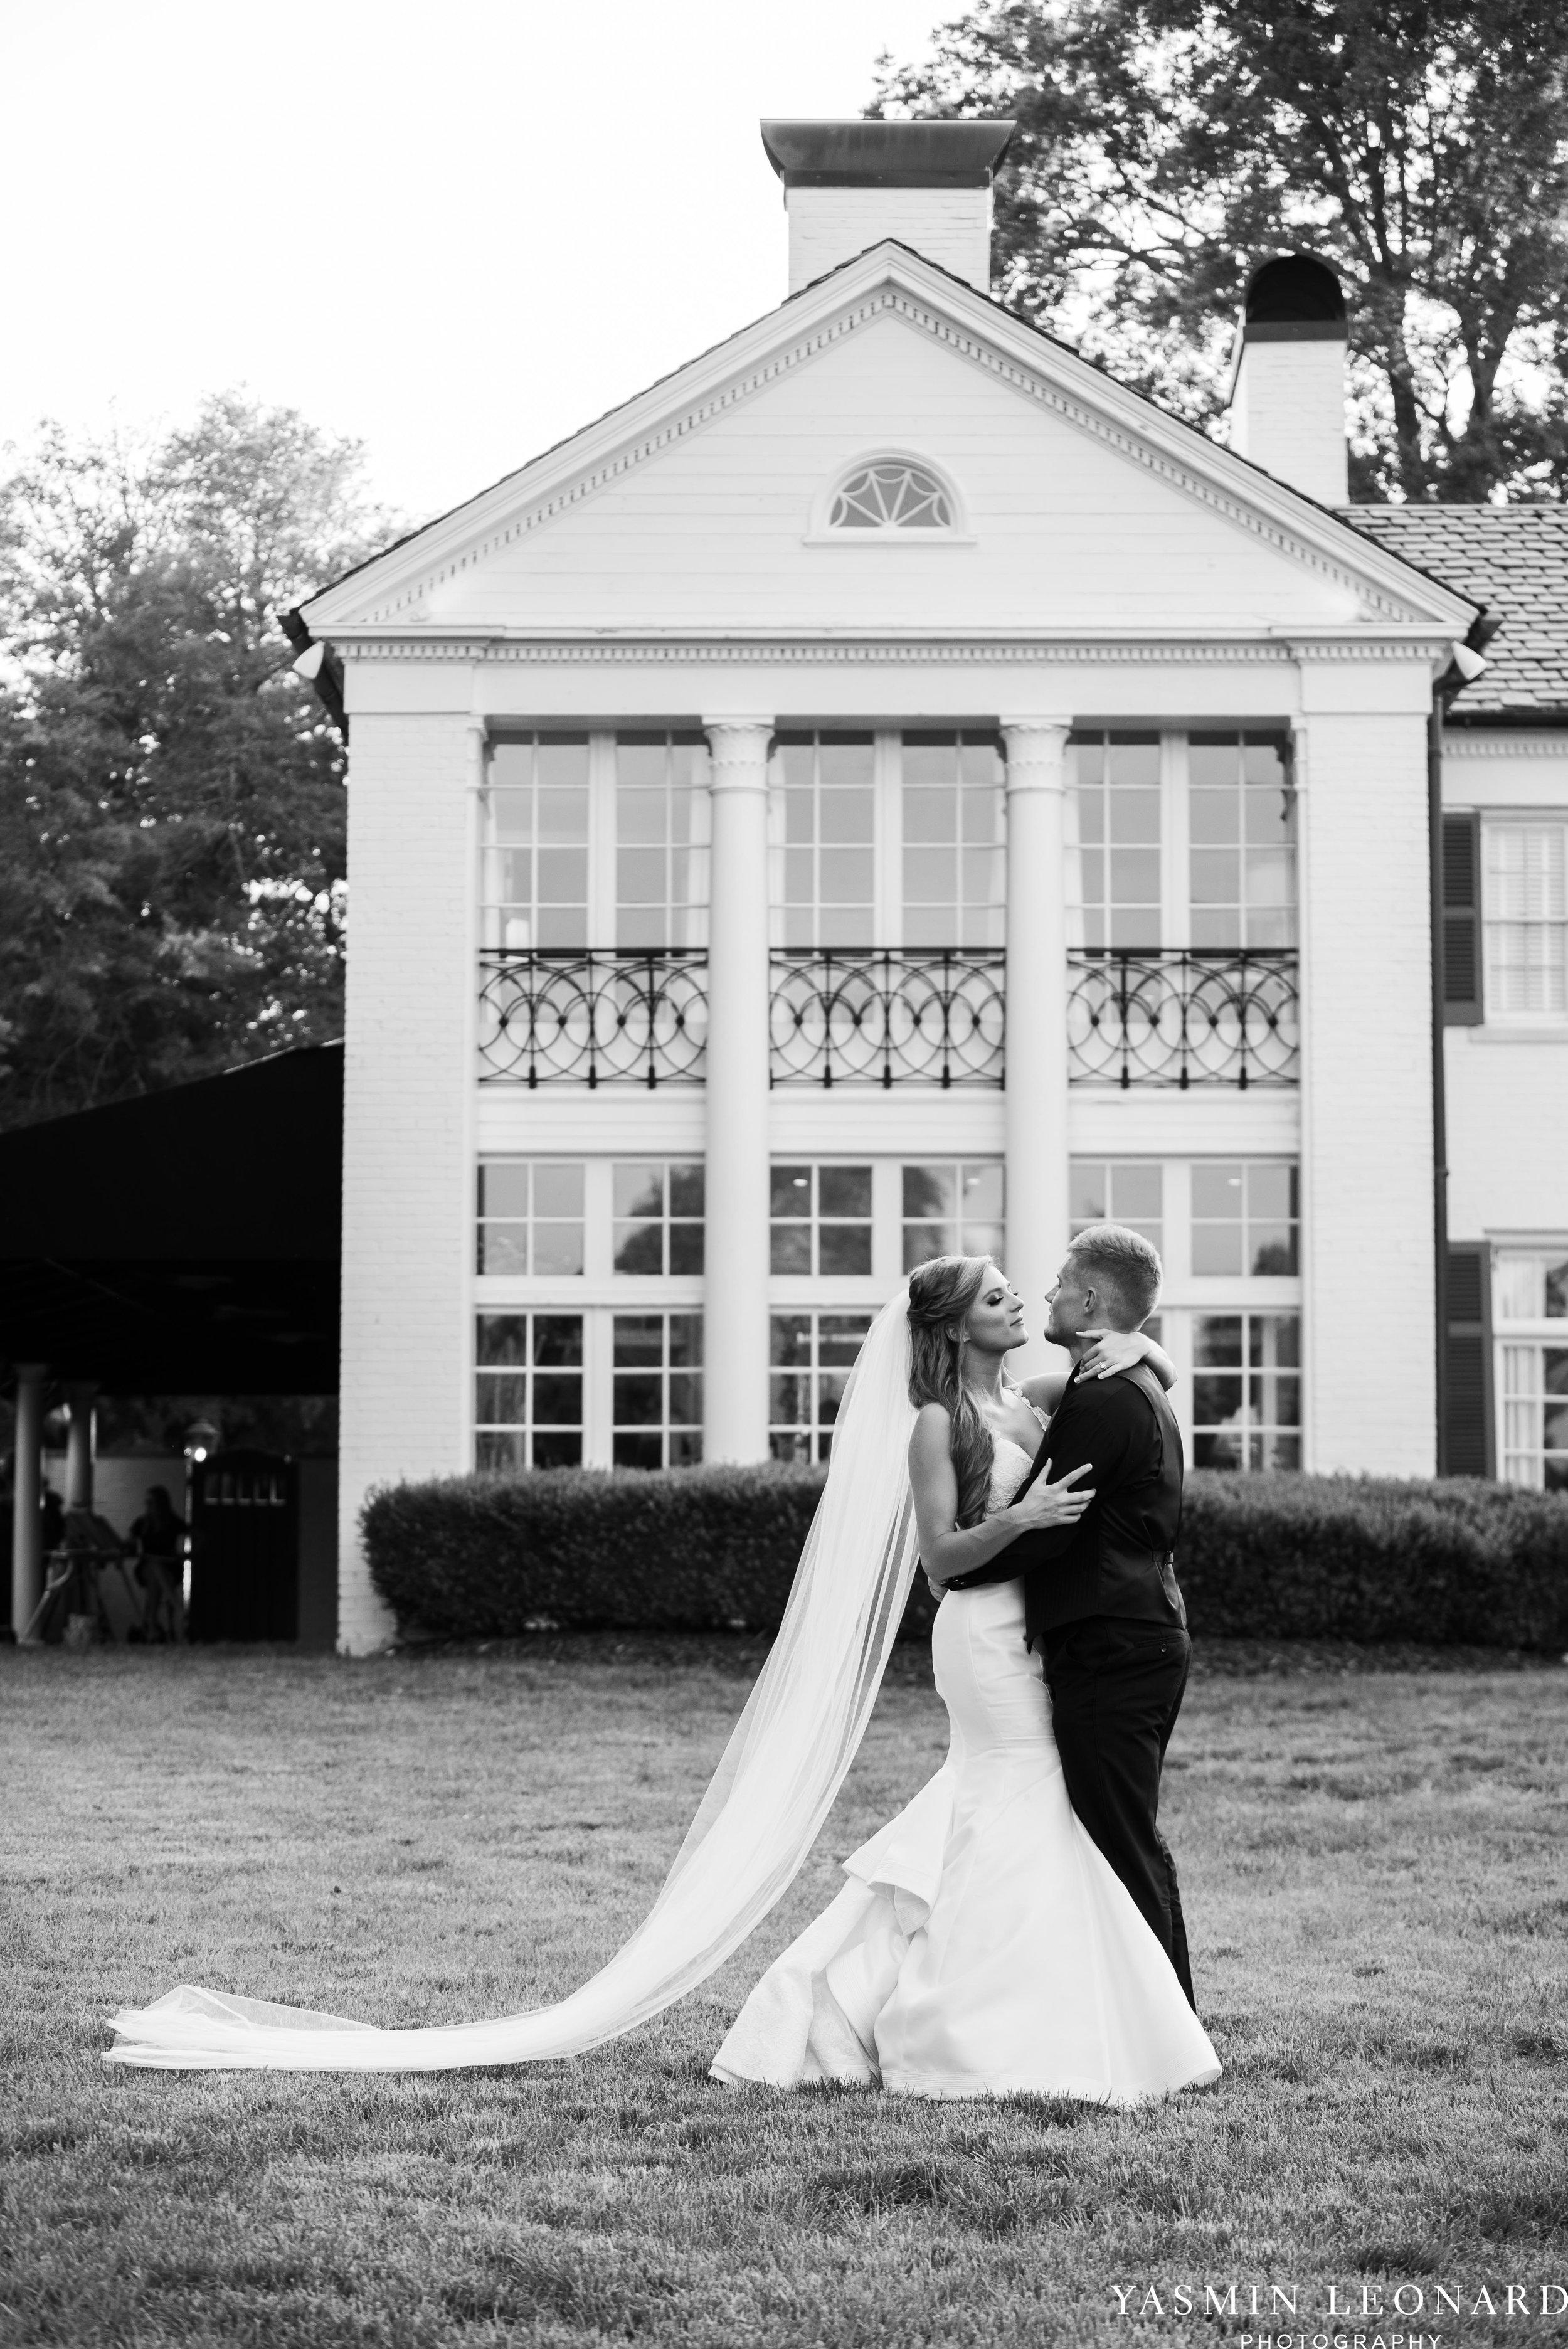 Boxwood Estate - Boxwood Estate Wedding - Luxury Wedding - Black and White Wedding - NC Wedding Venues - NC Weddings - NC Photographer - Lantern Release Grand Exit - Large Wedding Party - Yasmin Leonard Photography-58.jpg